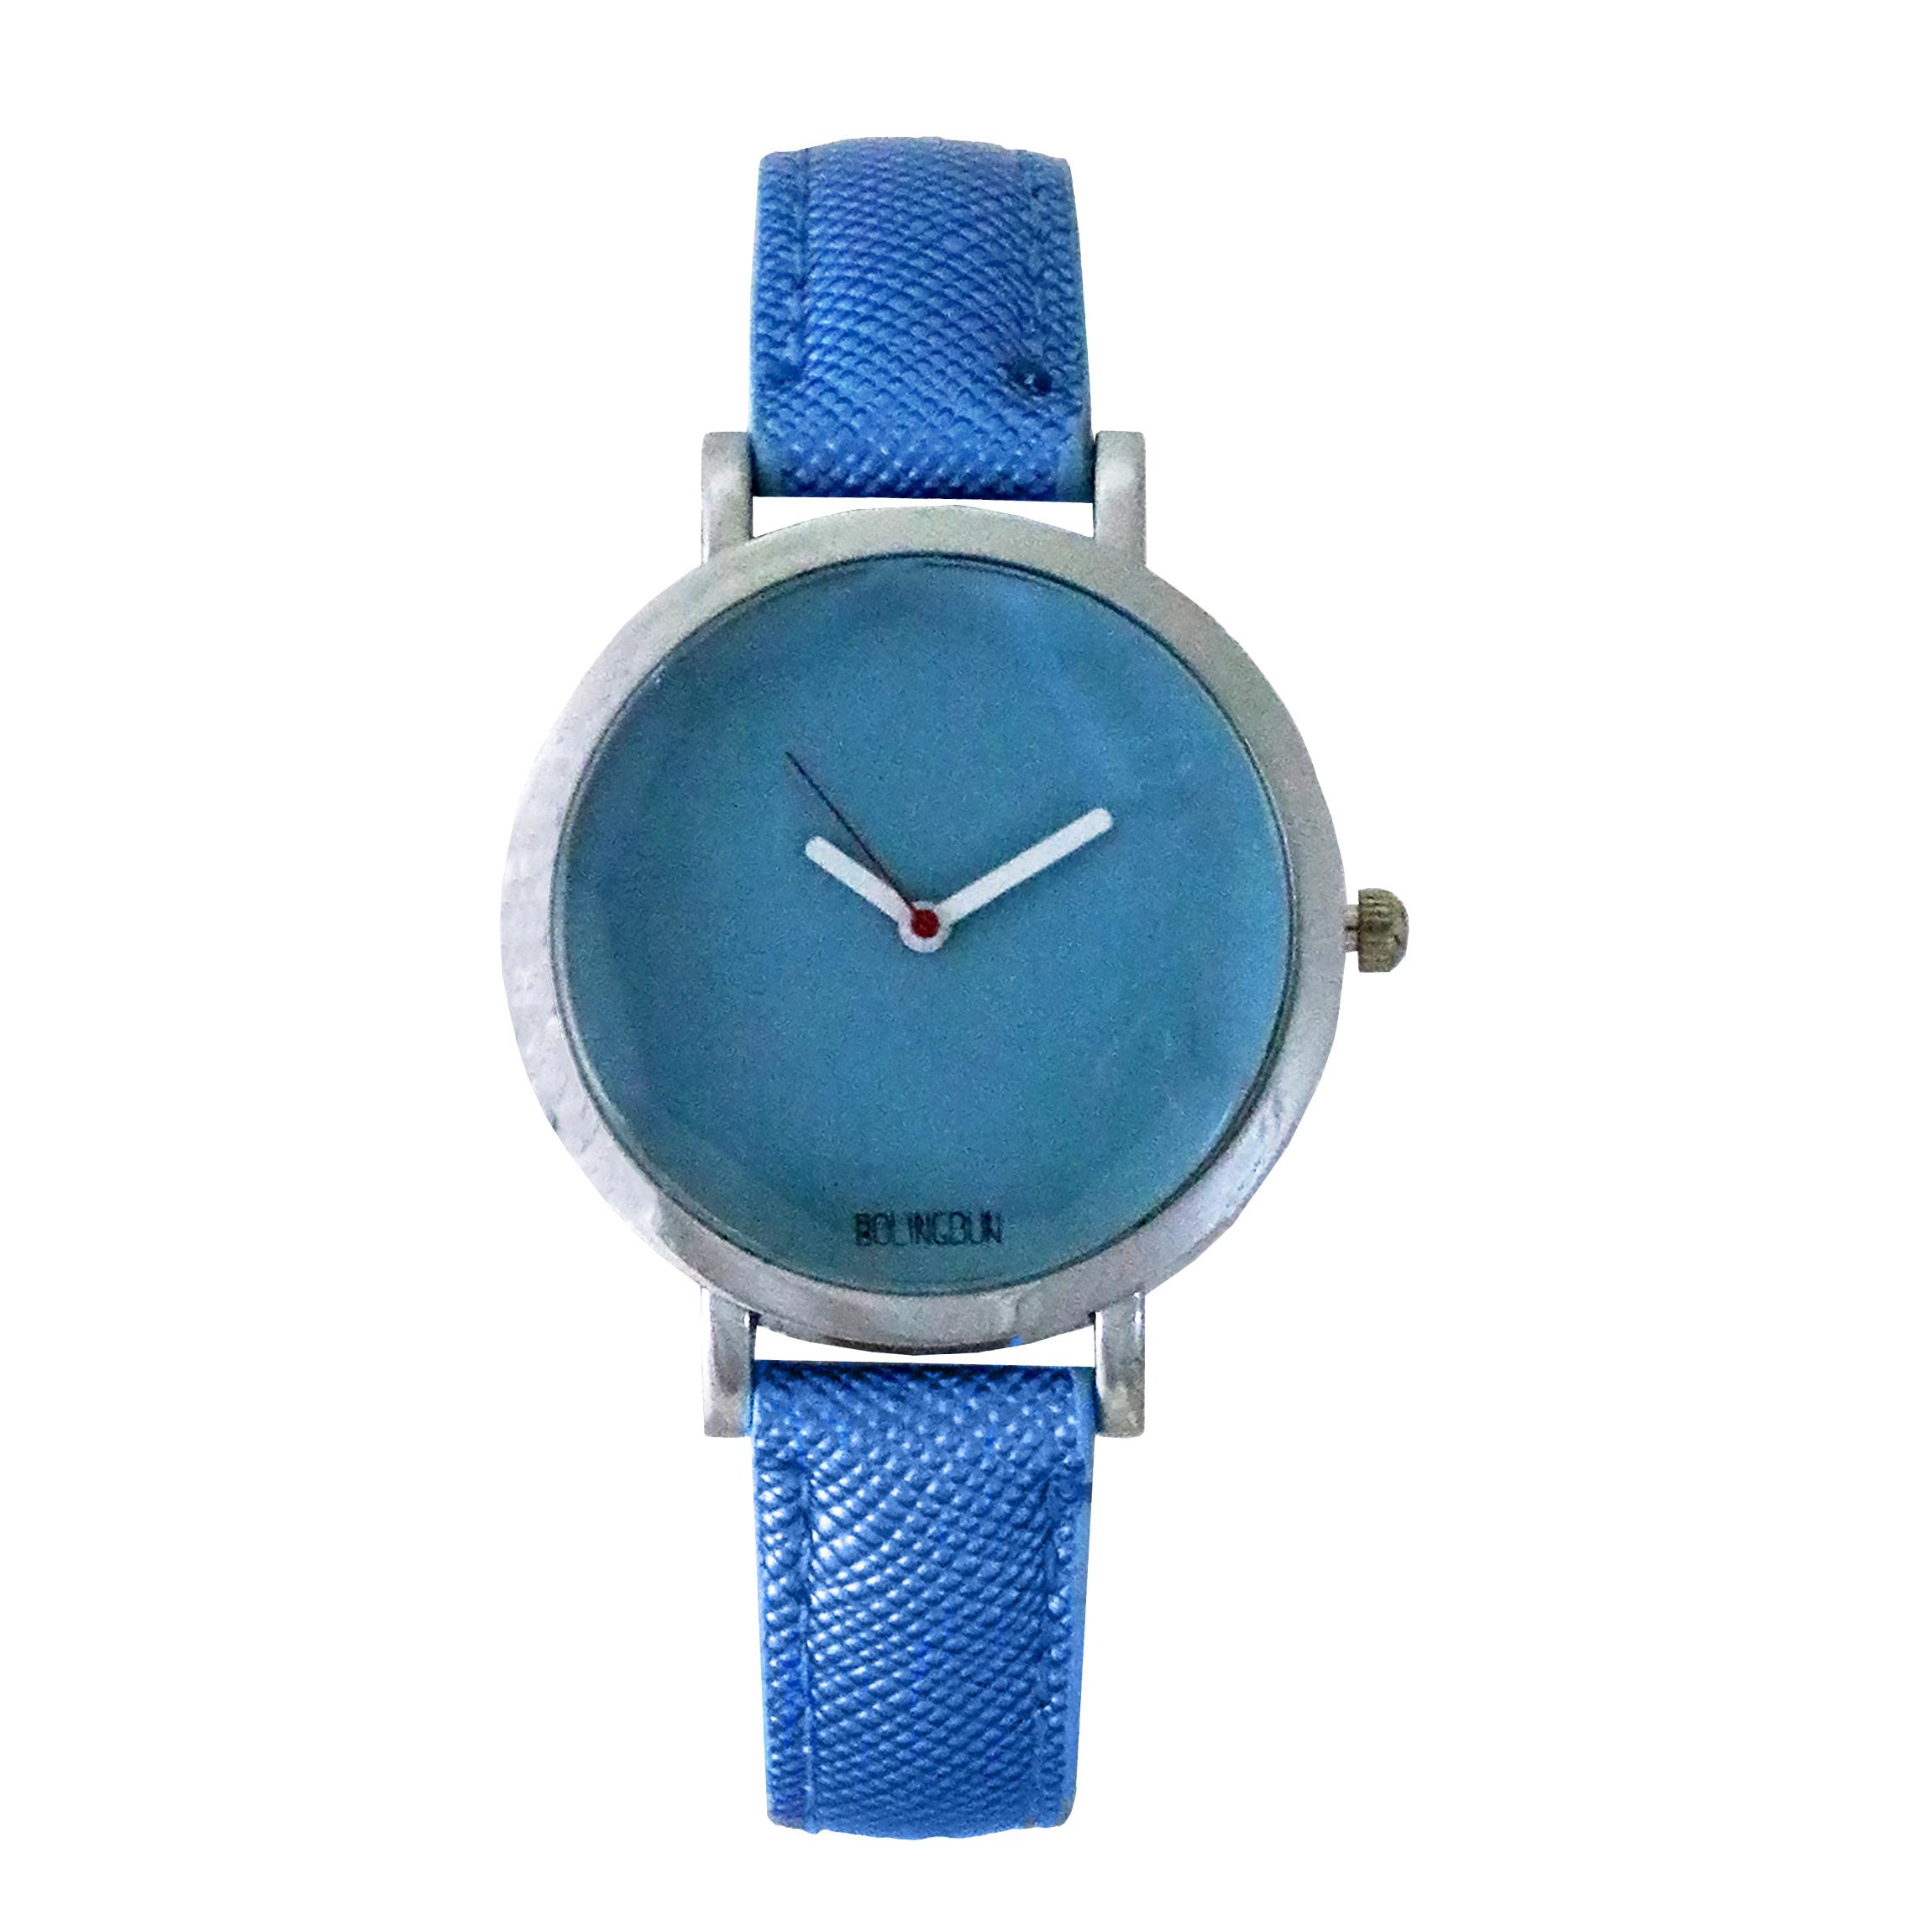 ساعت مچی عقربه ای زنانه بولینگ دون کد mw670